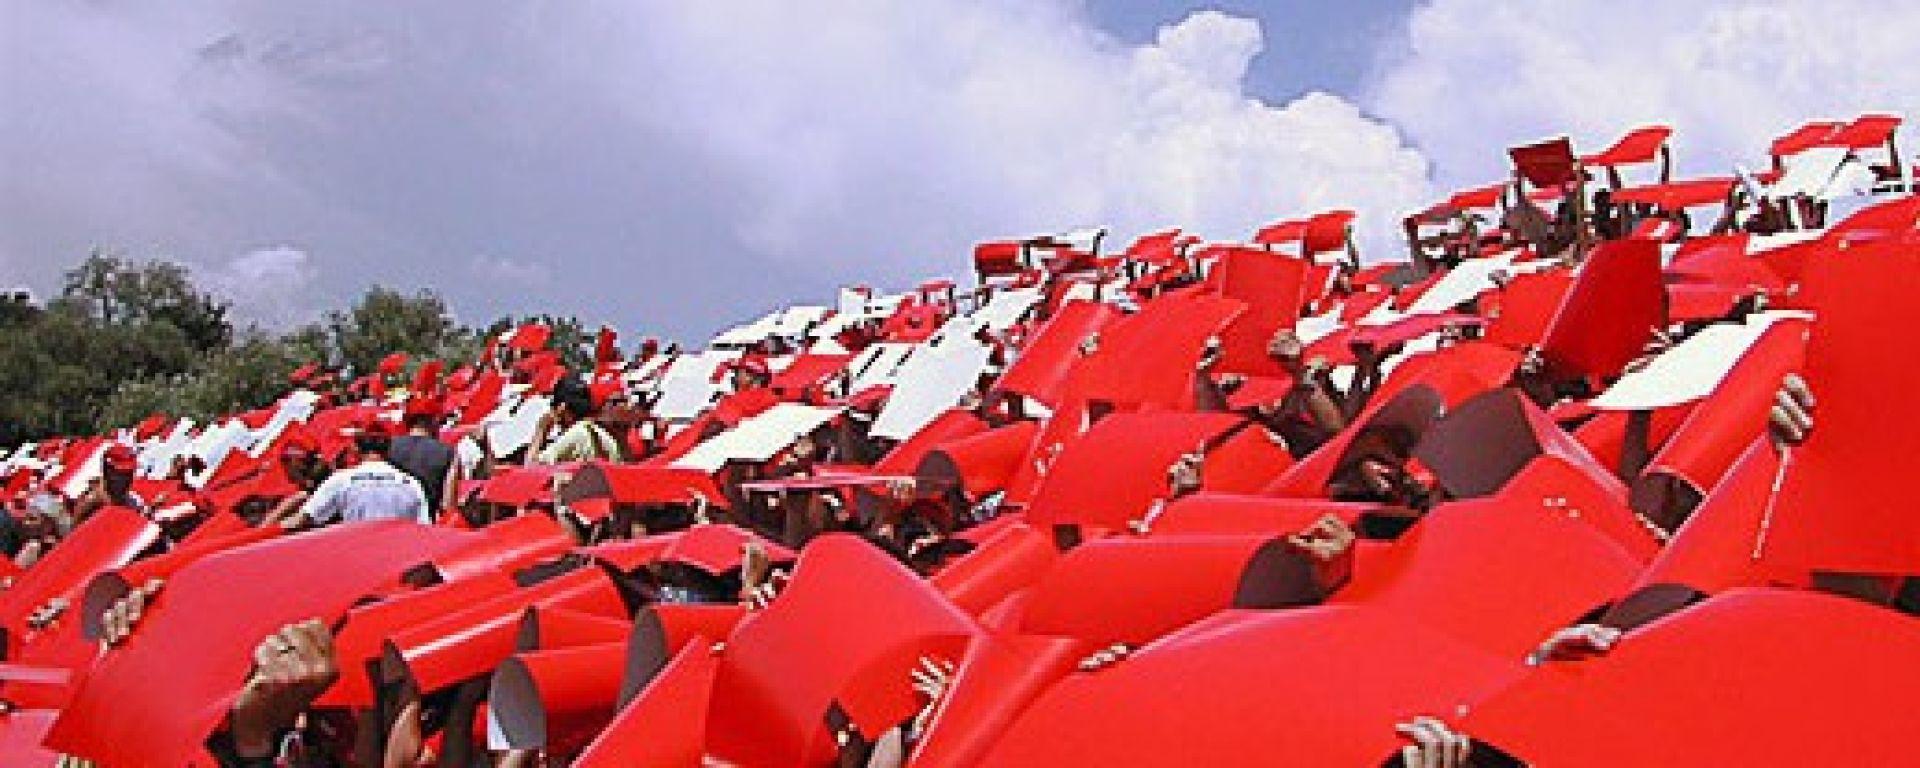 DUCATI: torna la tribuna rossa al Mugello